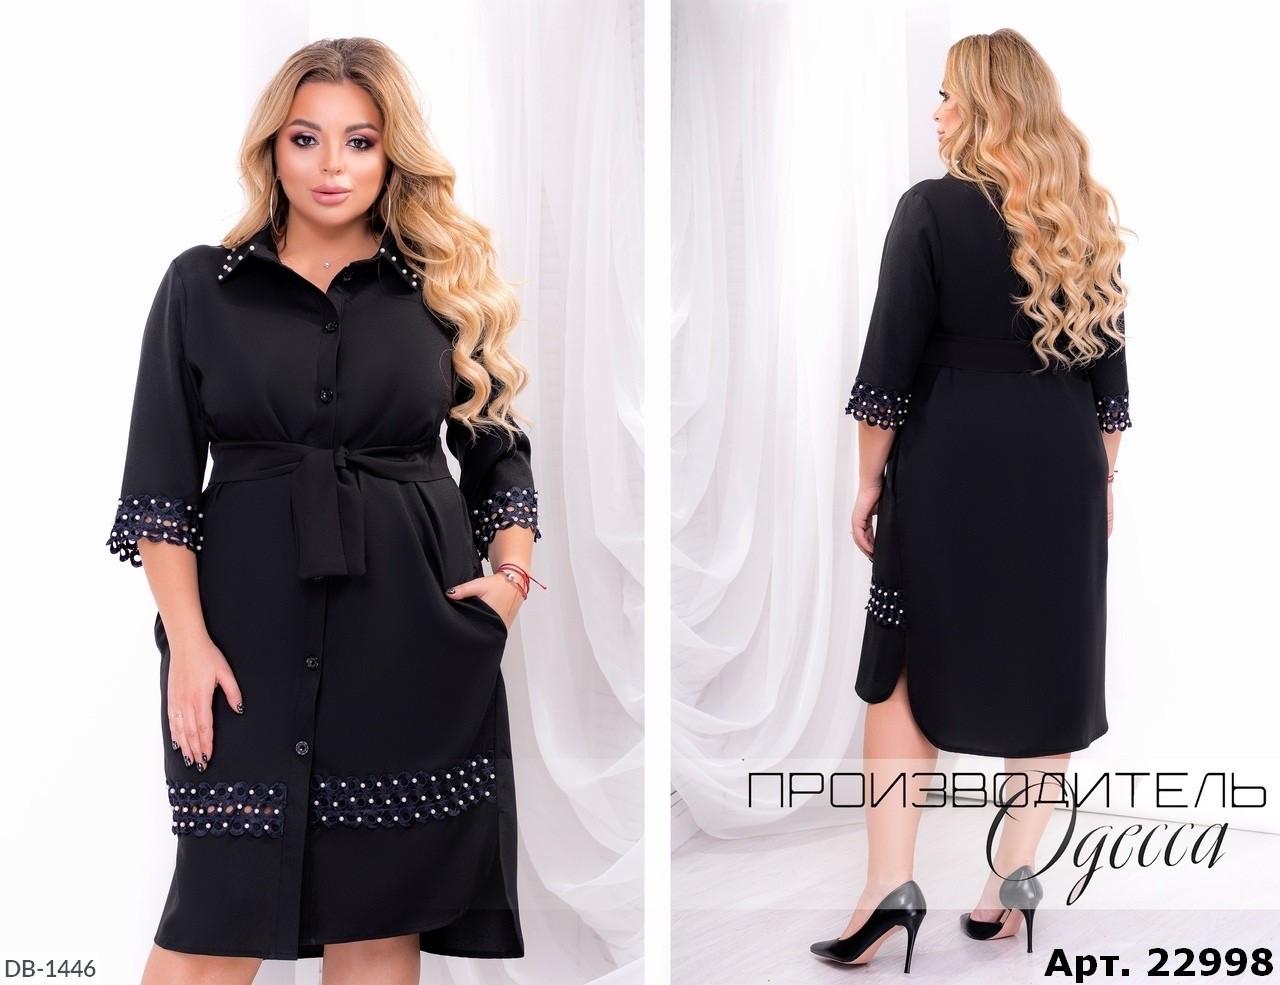 Платье DB-1446